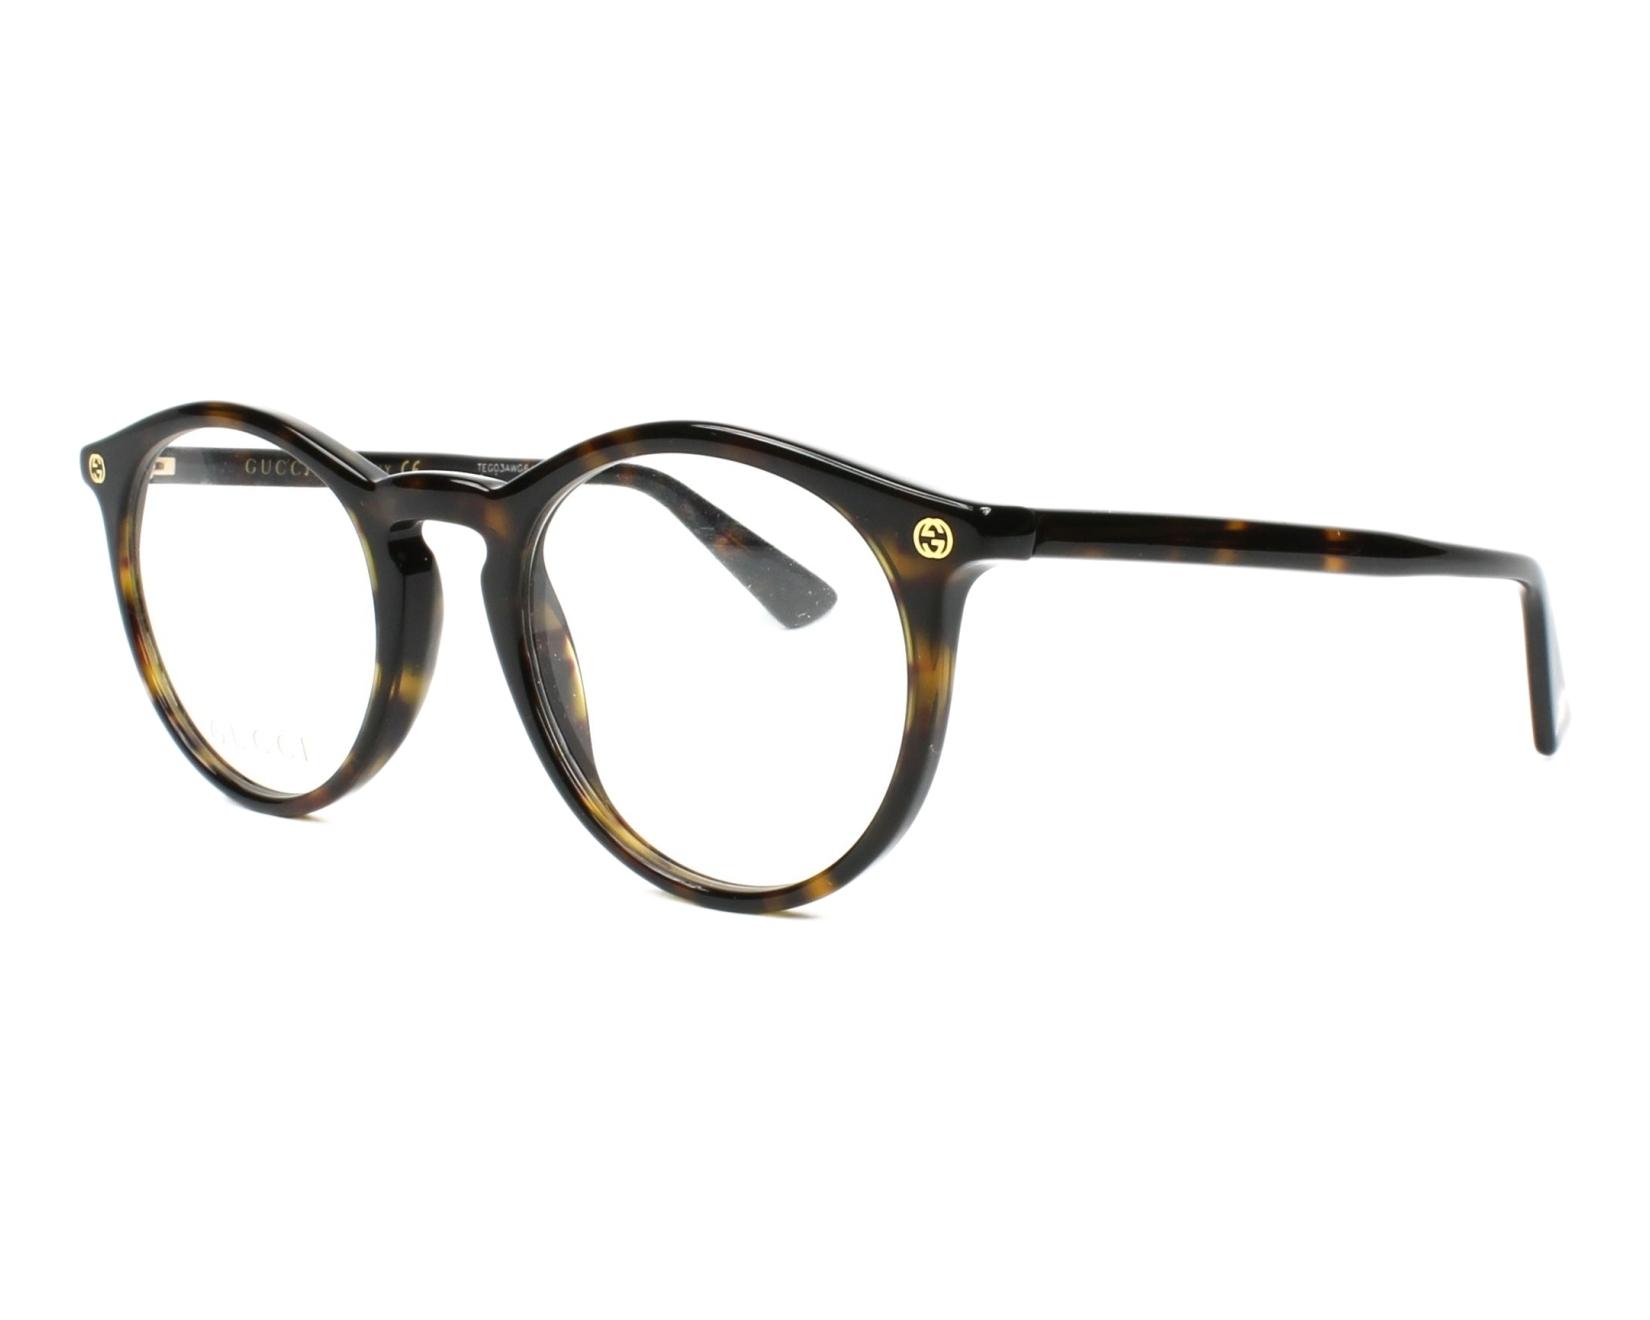 Gucci Brillen online bestellen - Bis 50% sparen - Visionet